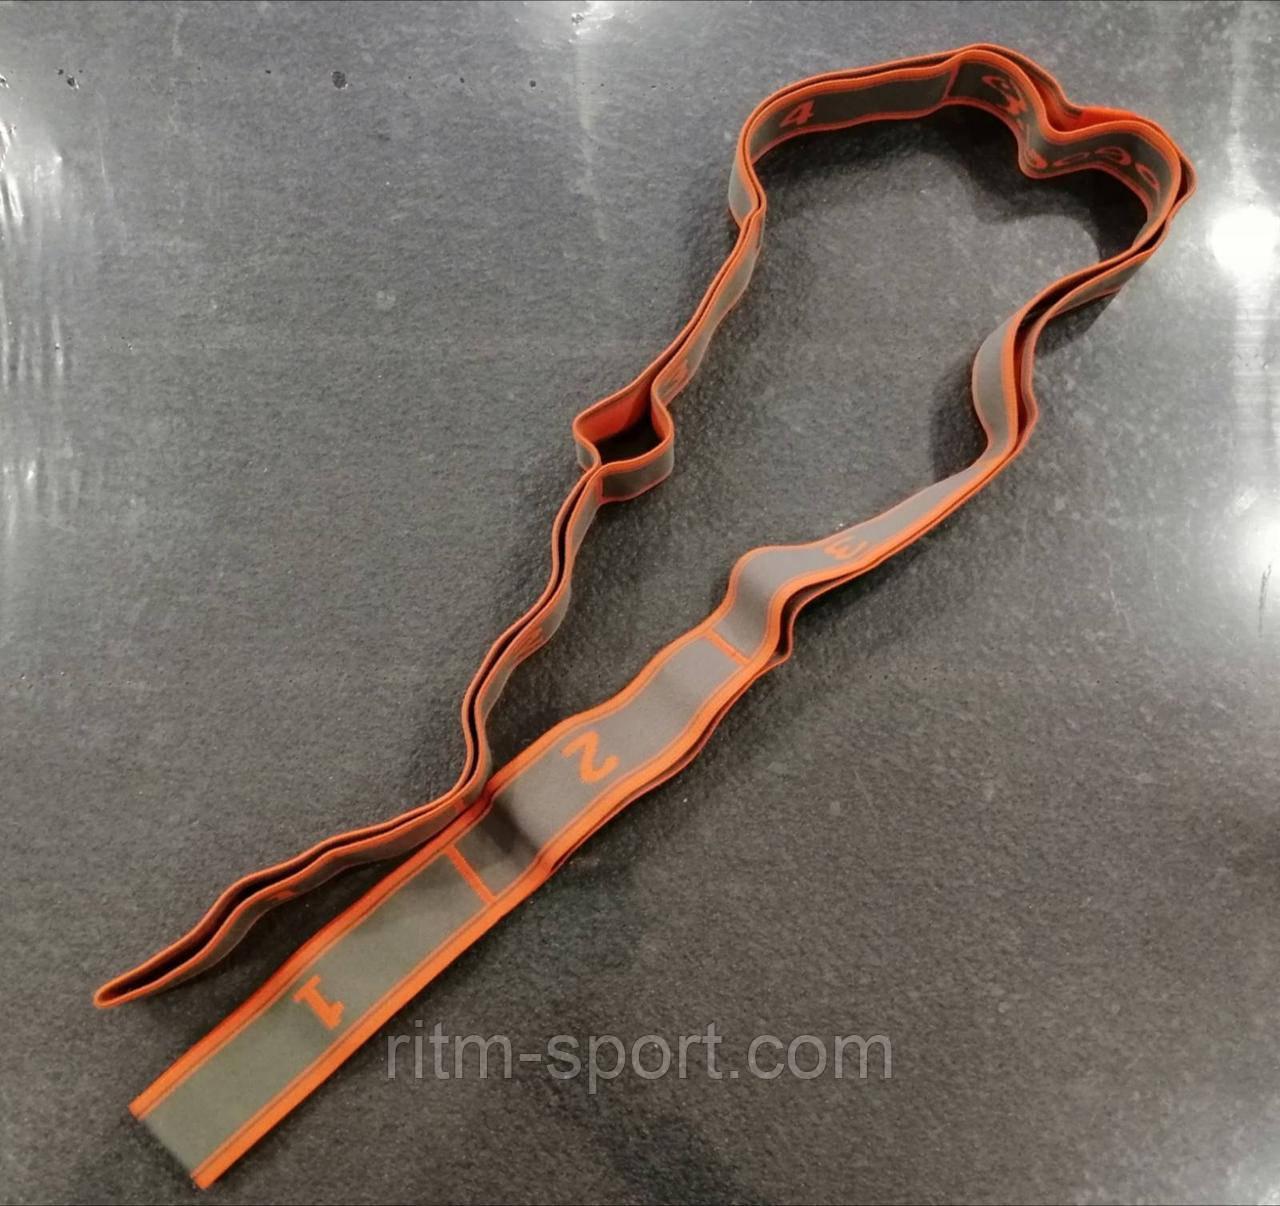 Резина для растяжки 8 петель, сопротивление от 12 до 15 кг